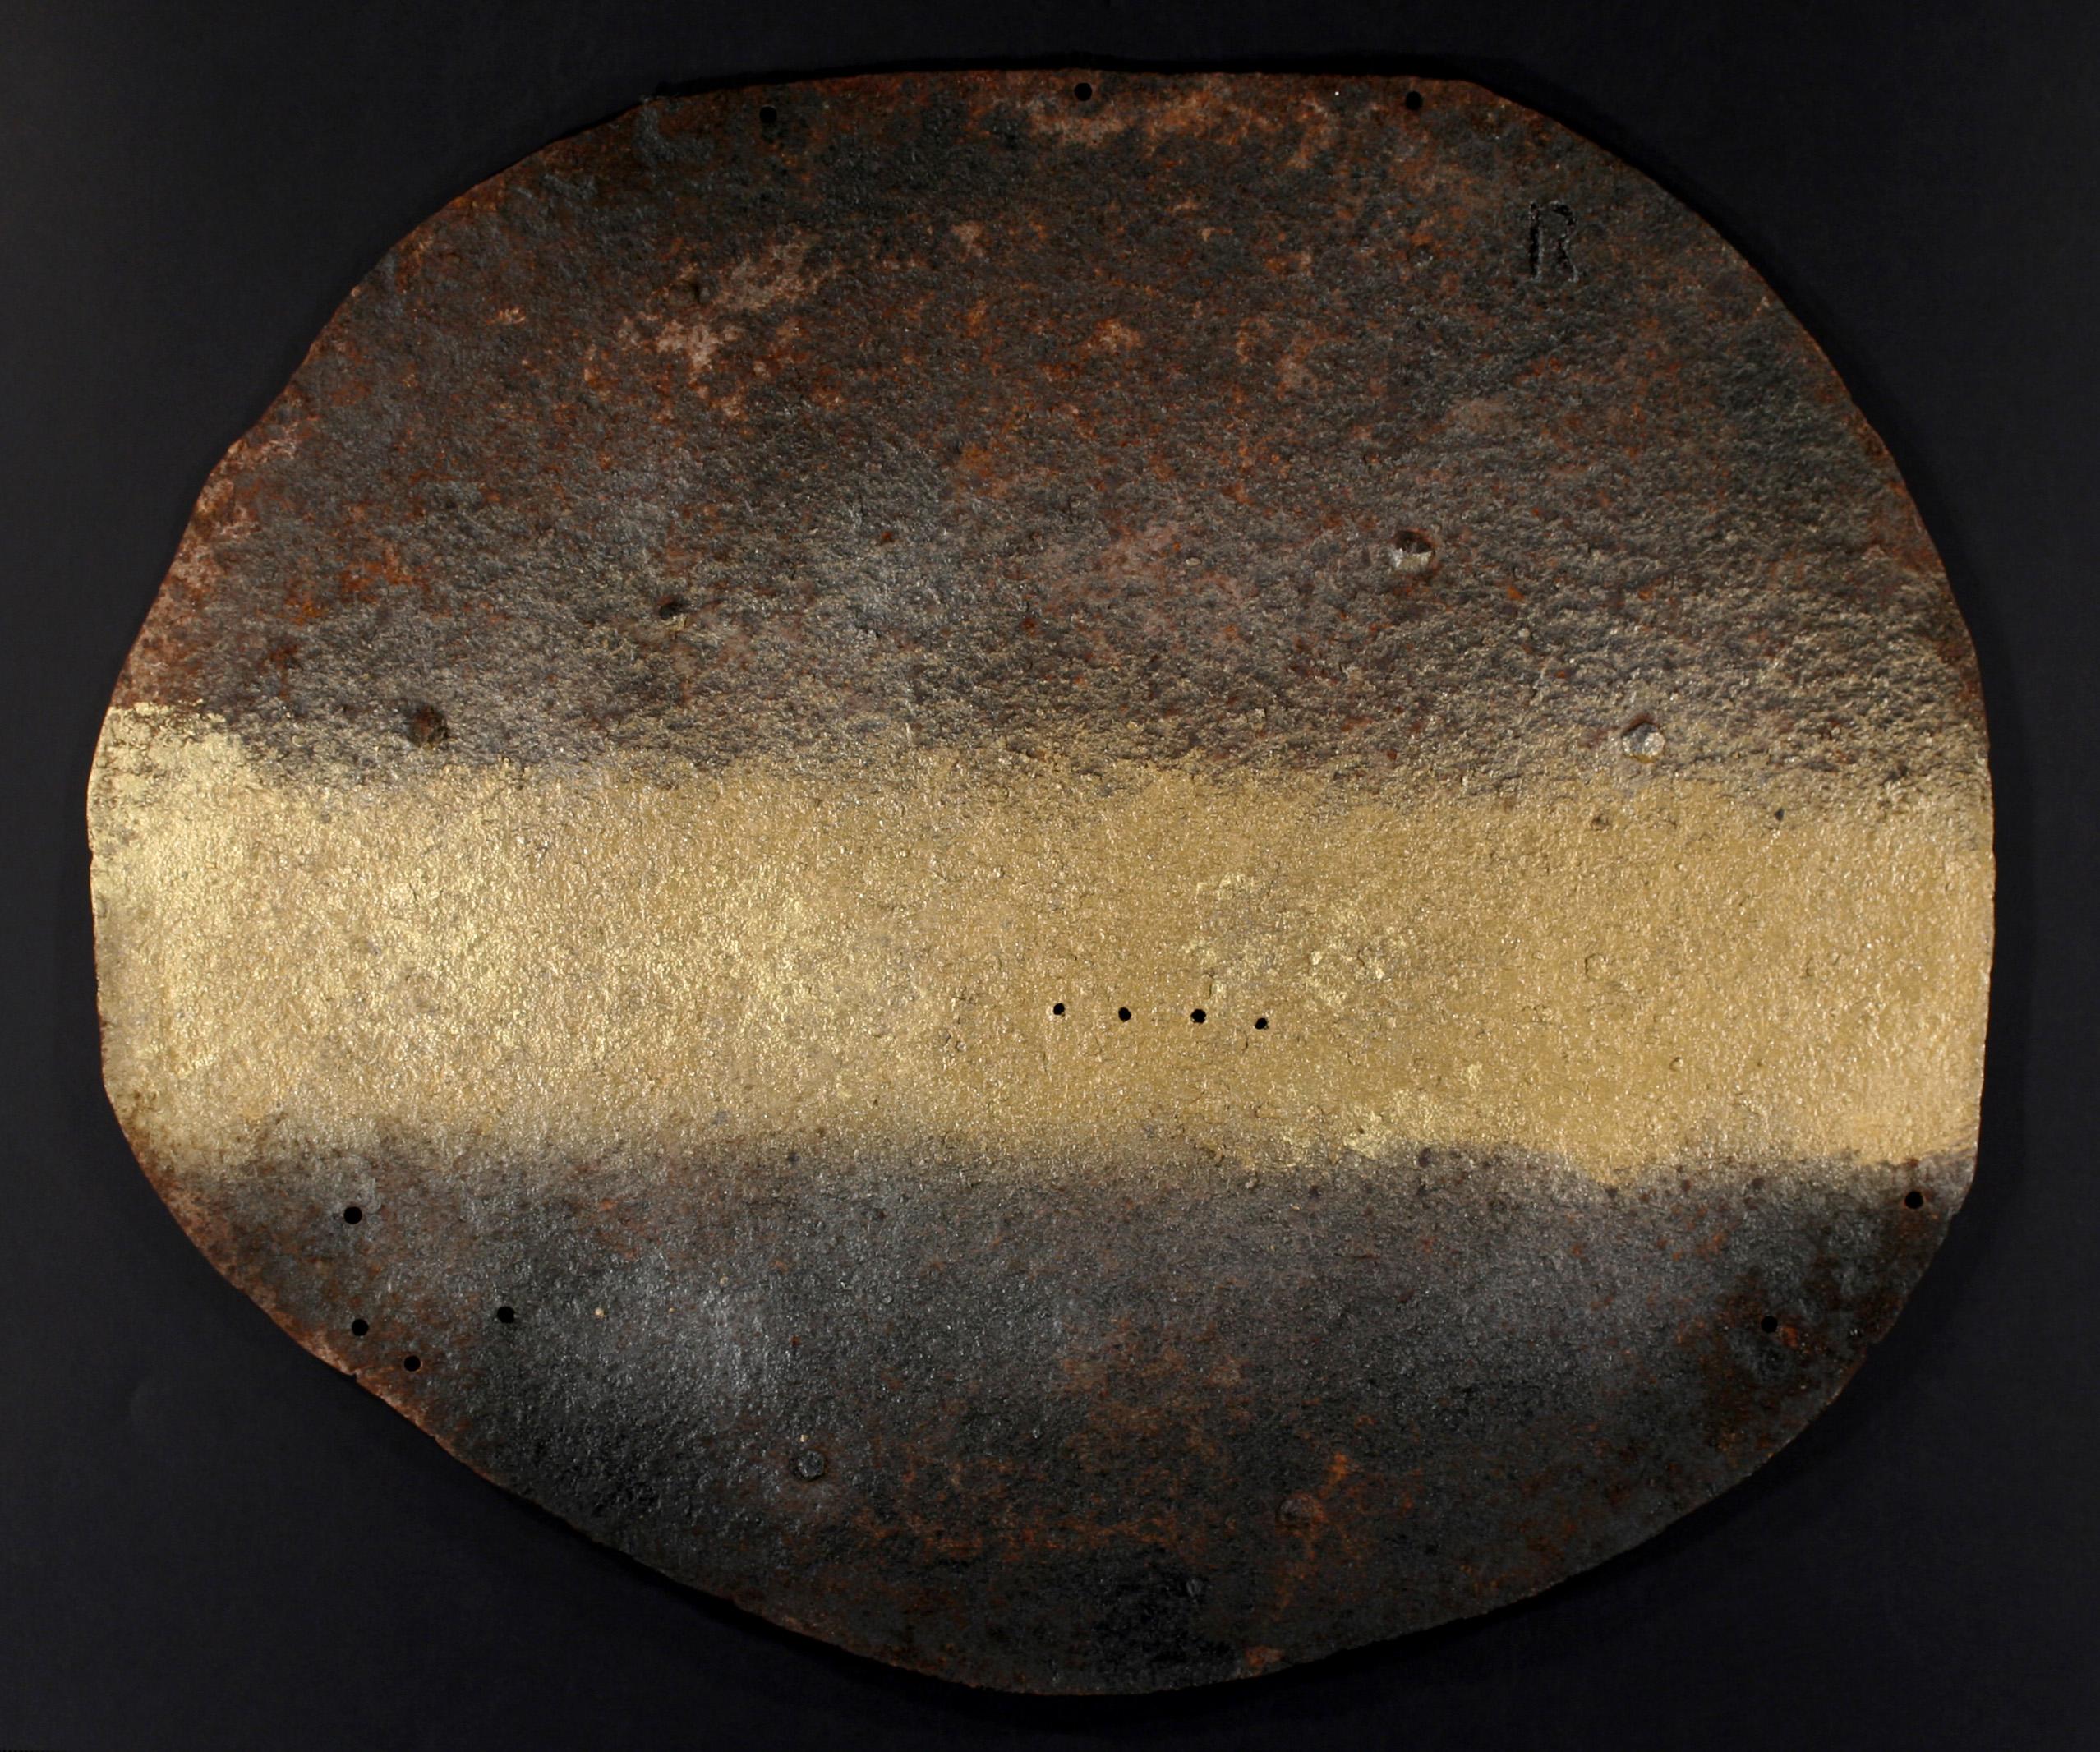 Viaggio senza meta, ferro corroso, smalto su tavola e copertura in plexiglas, 76x76, 2012